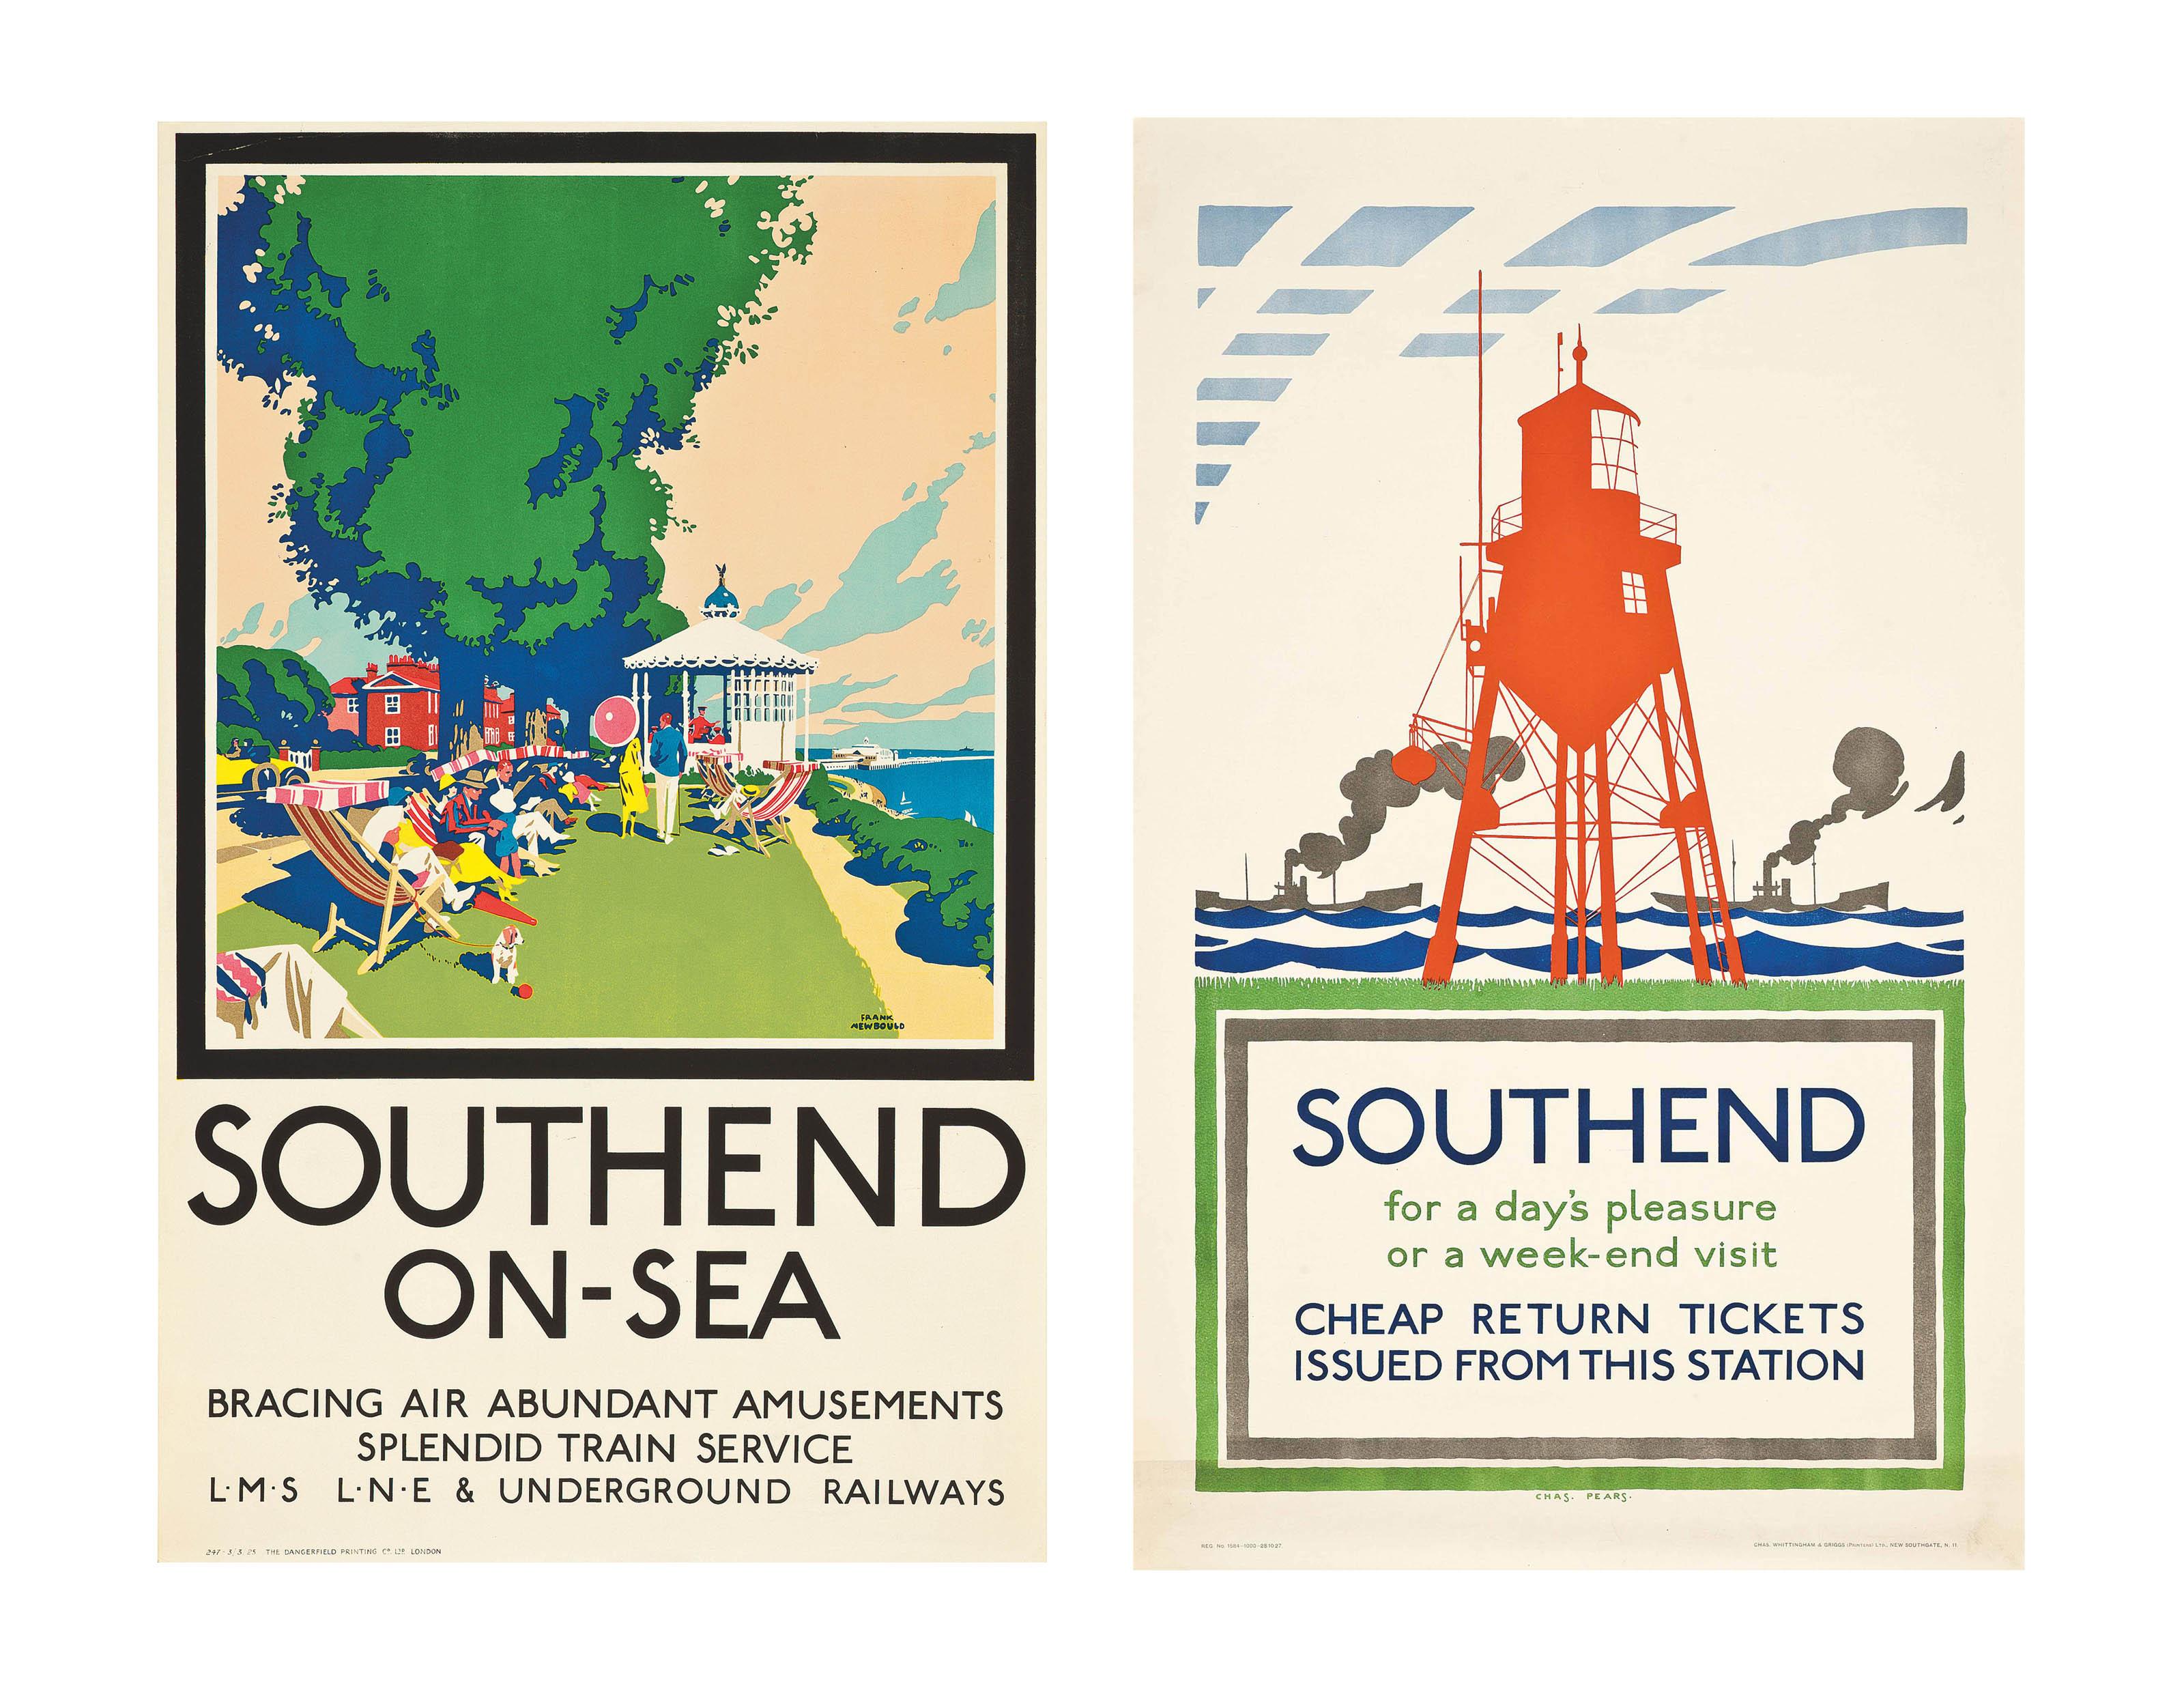 SOUTHEND ON-SEA